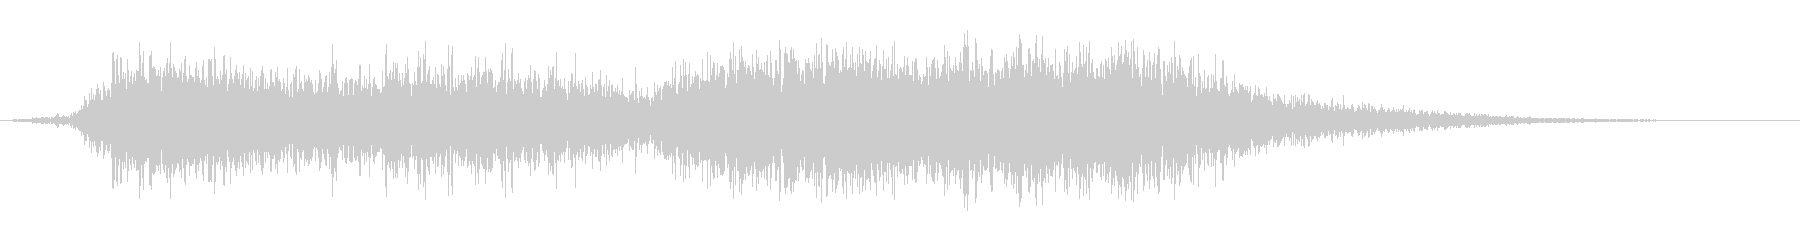 怒ったフラッターフーシュ5の未再生の波形